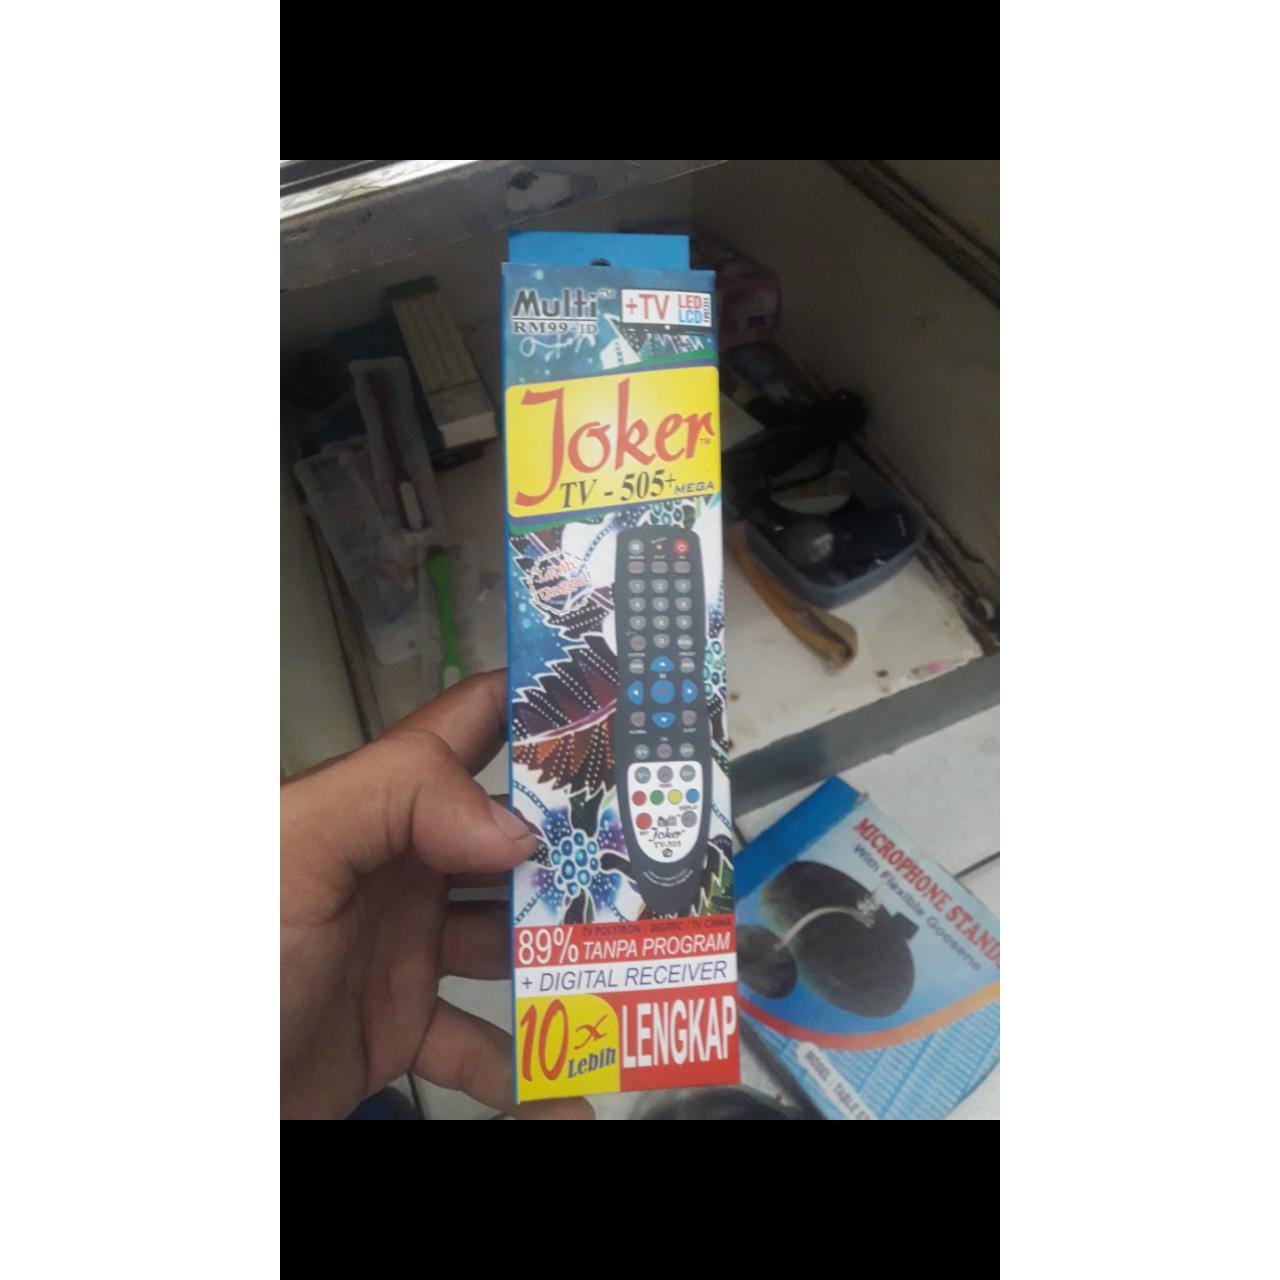 Joker remot SEMUA MEREK BONUS BATERAI REMOTEcontrol televisi remote original tv multi universal tabung lcd led serba guna EHS GRATIS ONGKOS KIRIM KEMANA AJA BONUS